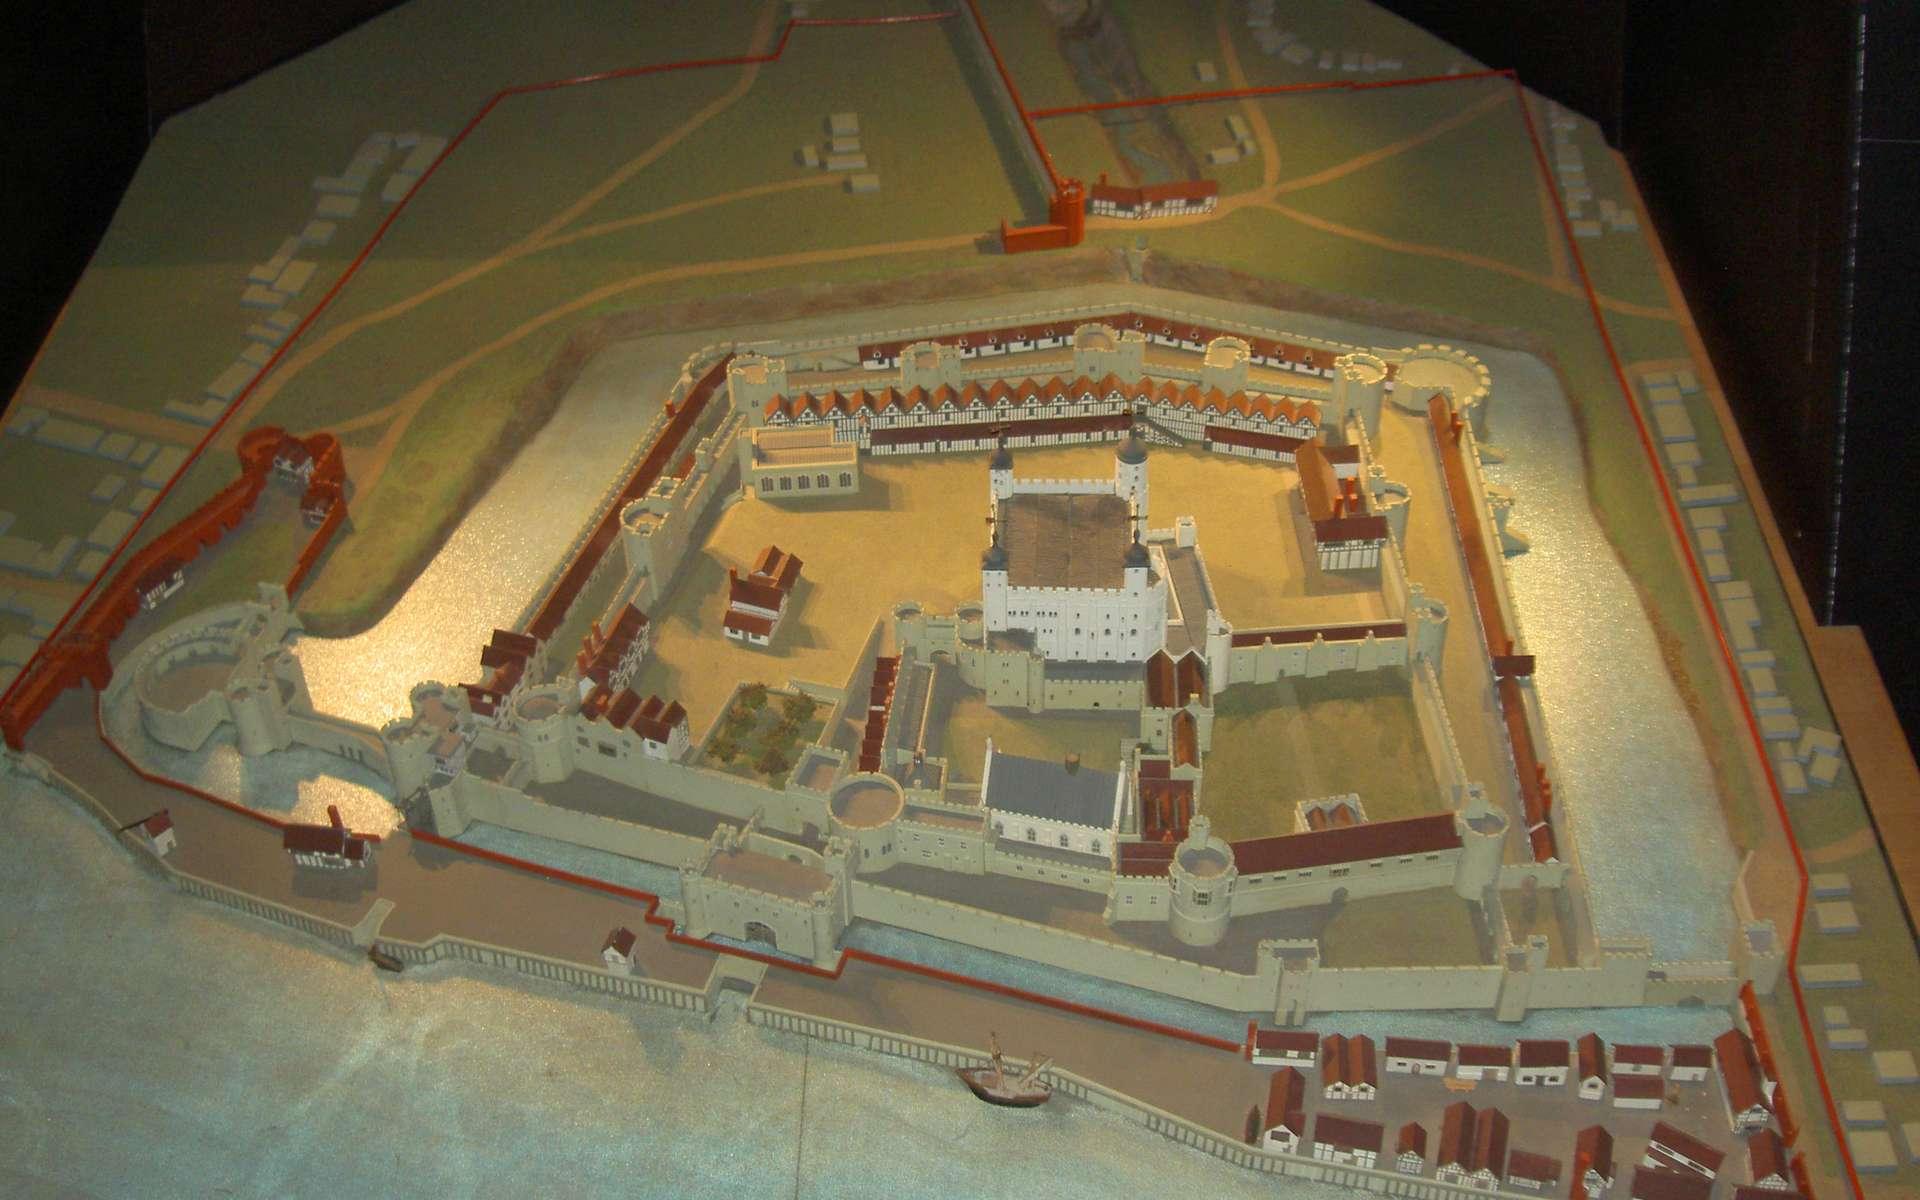 Le plan-relief est la représentation d'une construction sous forme de maquette. © Onofre_Bouvila, CC BY 2.5, Wikimedia Commons